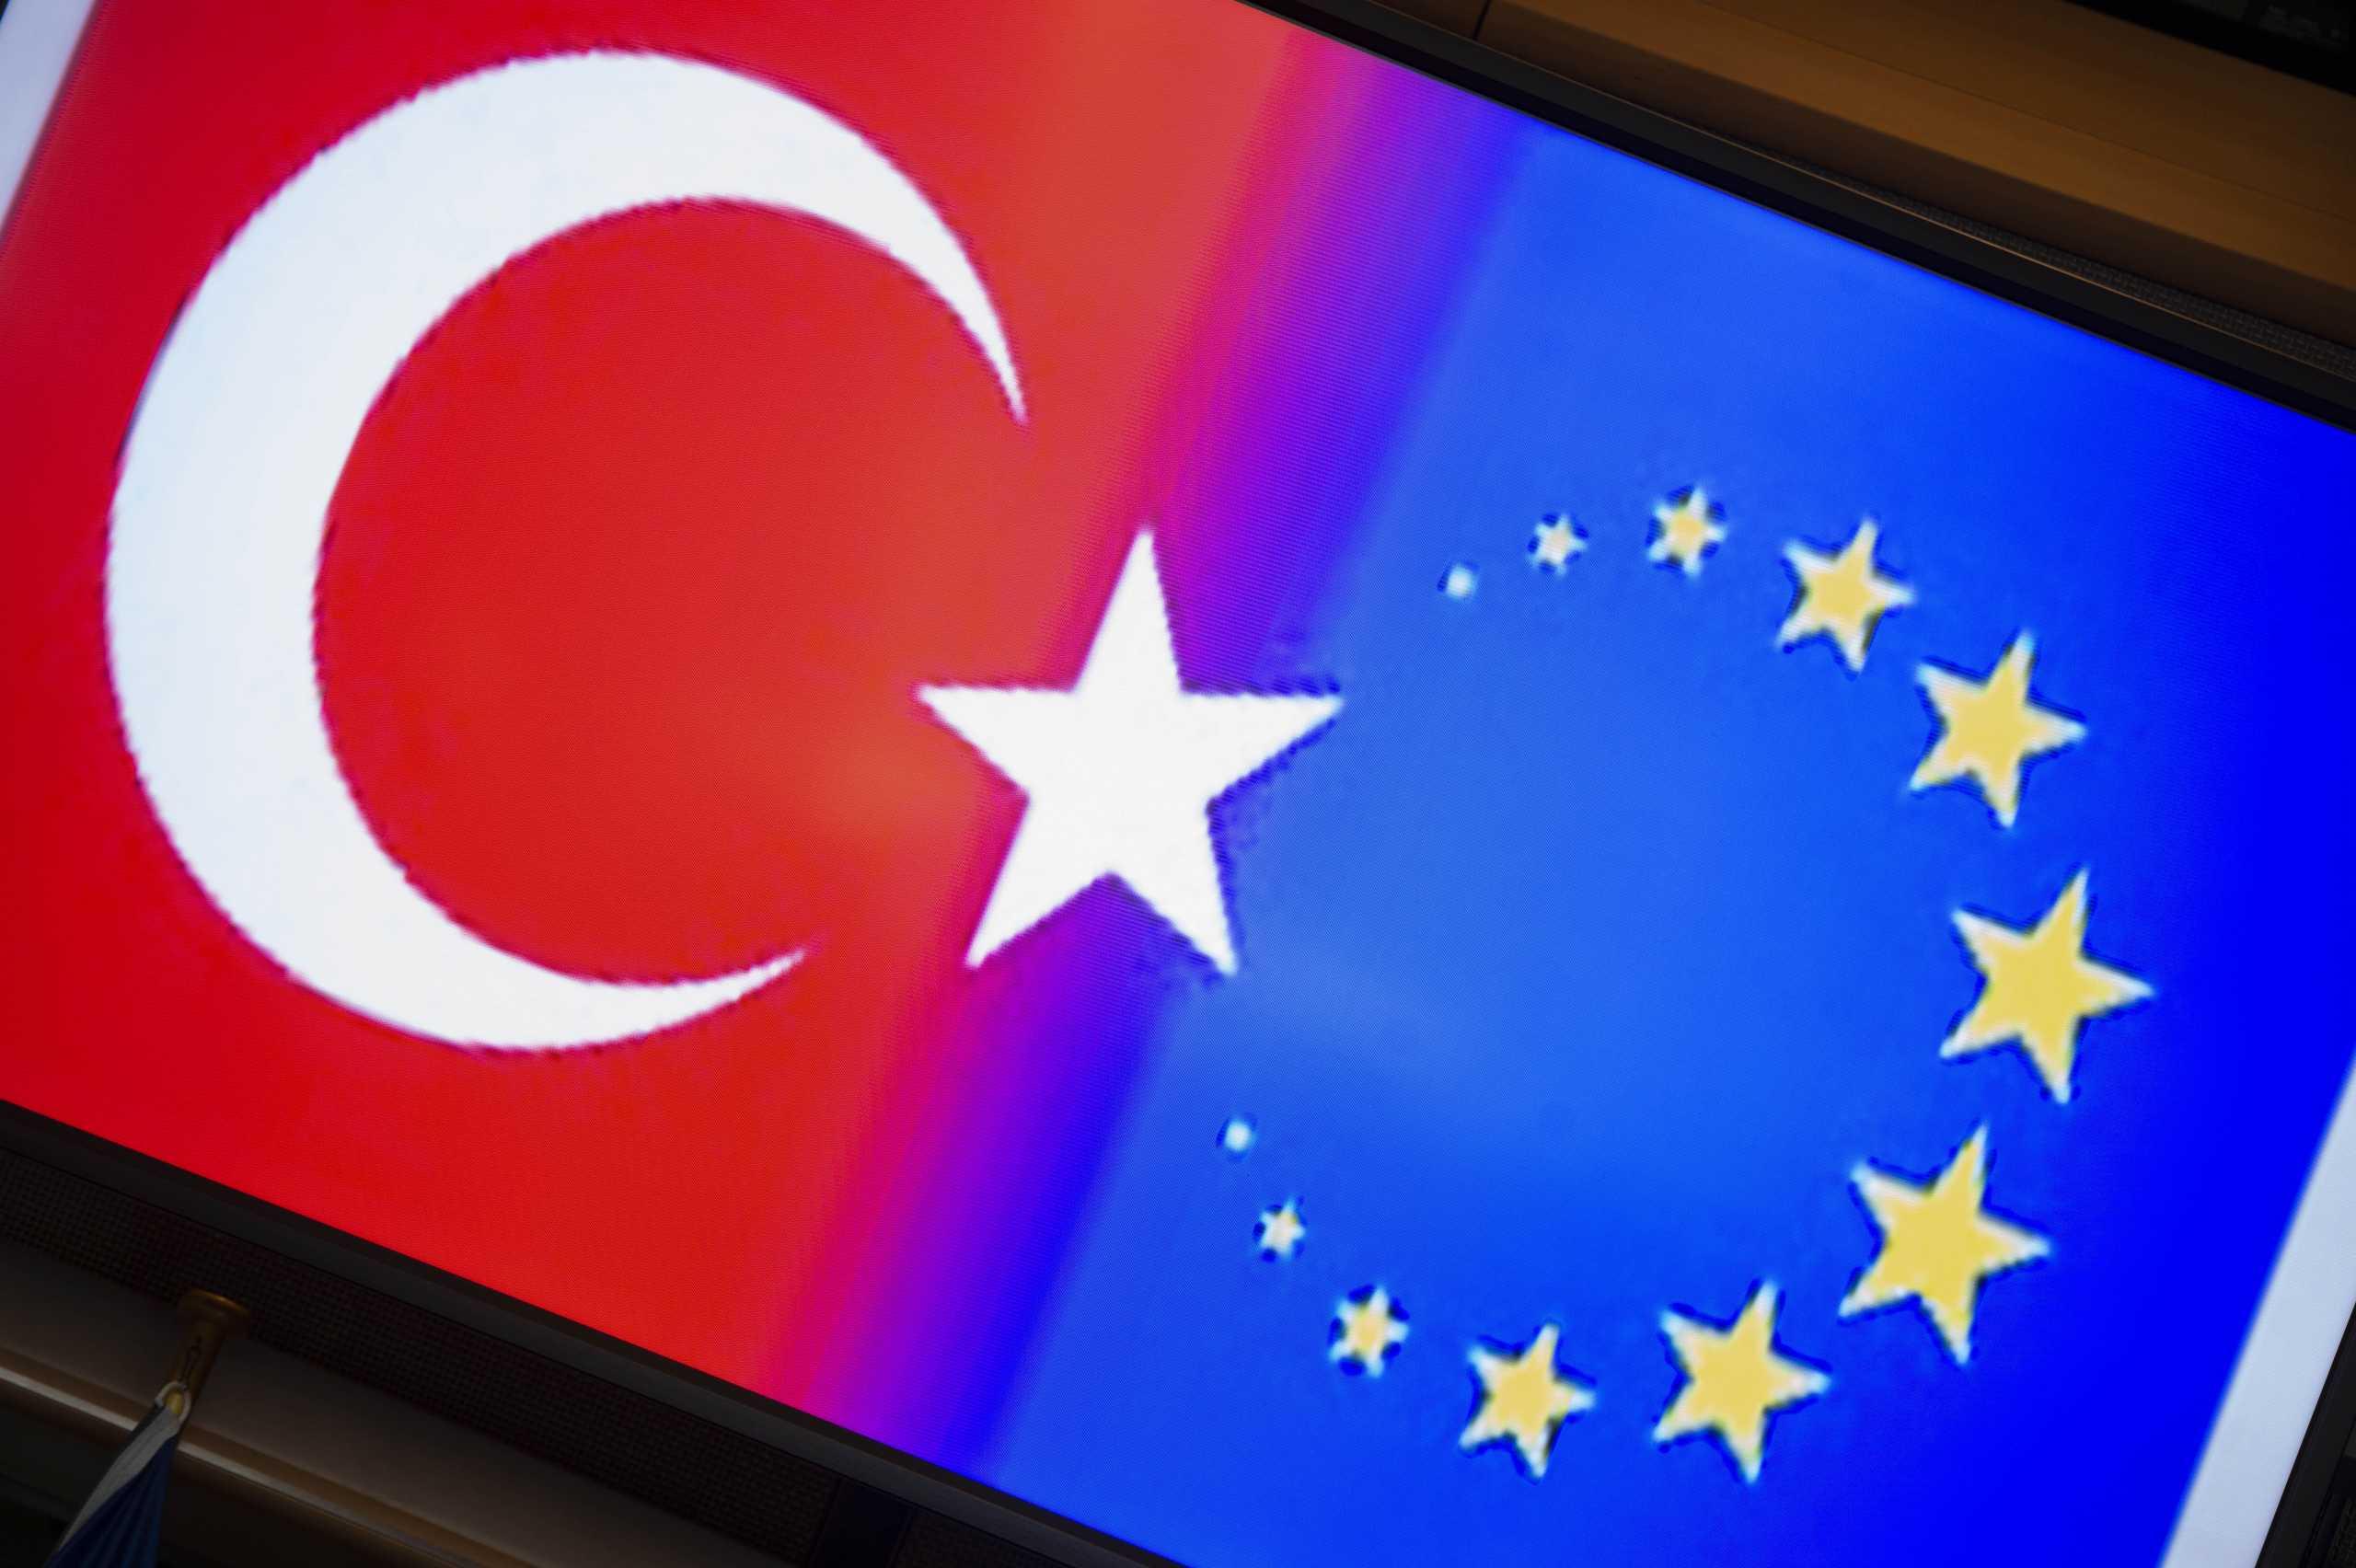 Η Τουρκία απορρίπτει το ψήφισμα της ΕΕ – «Μεροληπτικό κείμενο με ελληνικά και ελληνοκυπριακά επιχειρήματα»